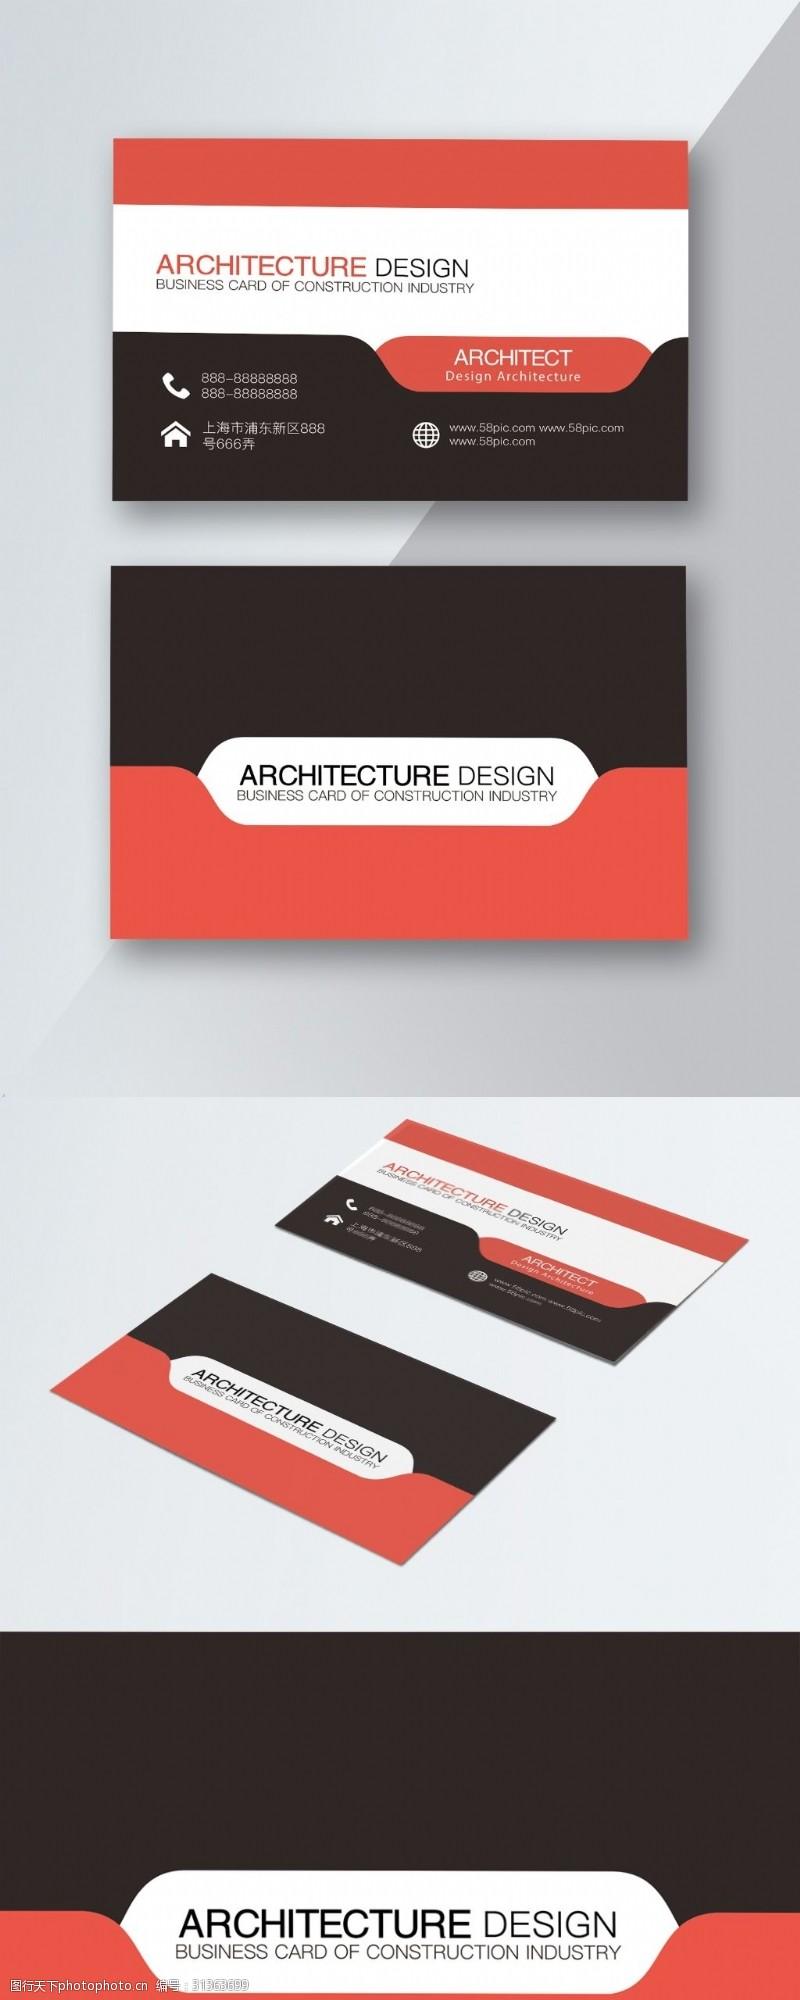 企业高端色块叠加建筑红色黑色名片模版下载